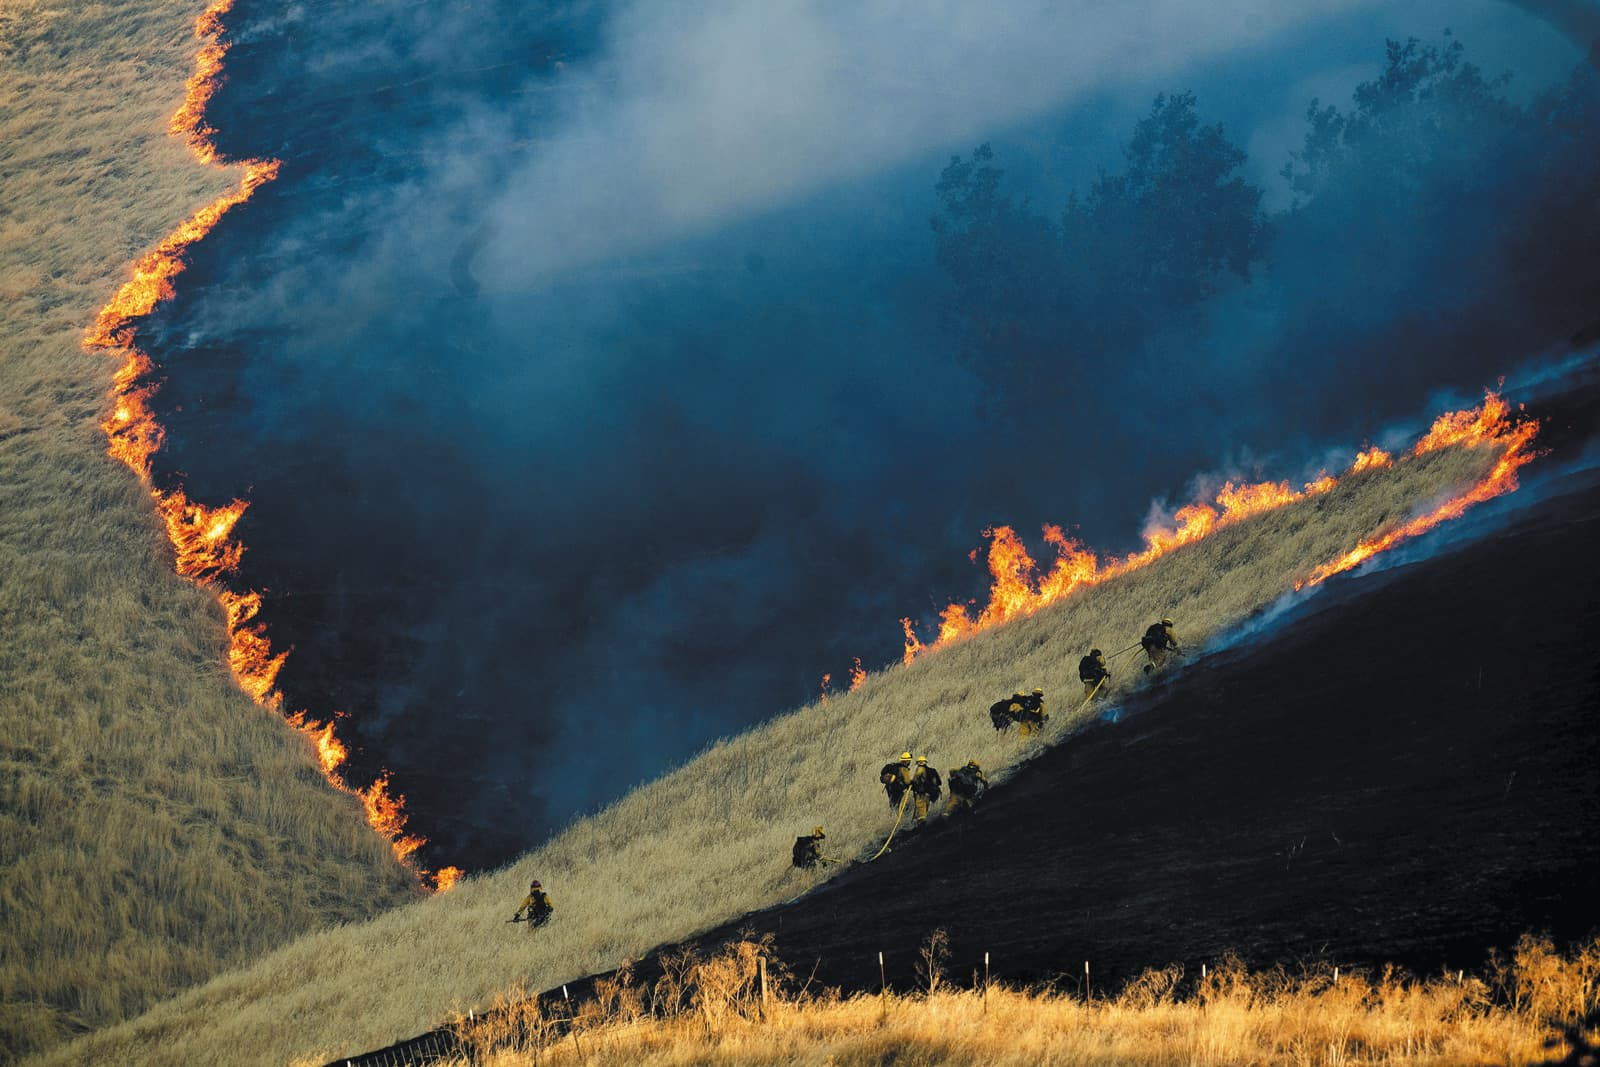 Lluita contra el foc a Brentwood, California. Finalista en Medi Ambient. Fotografia de Noah Berger.